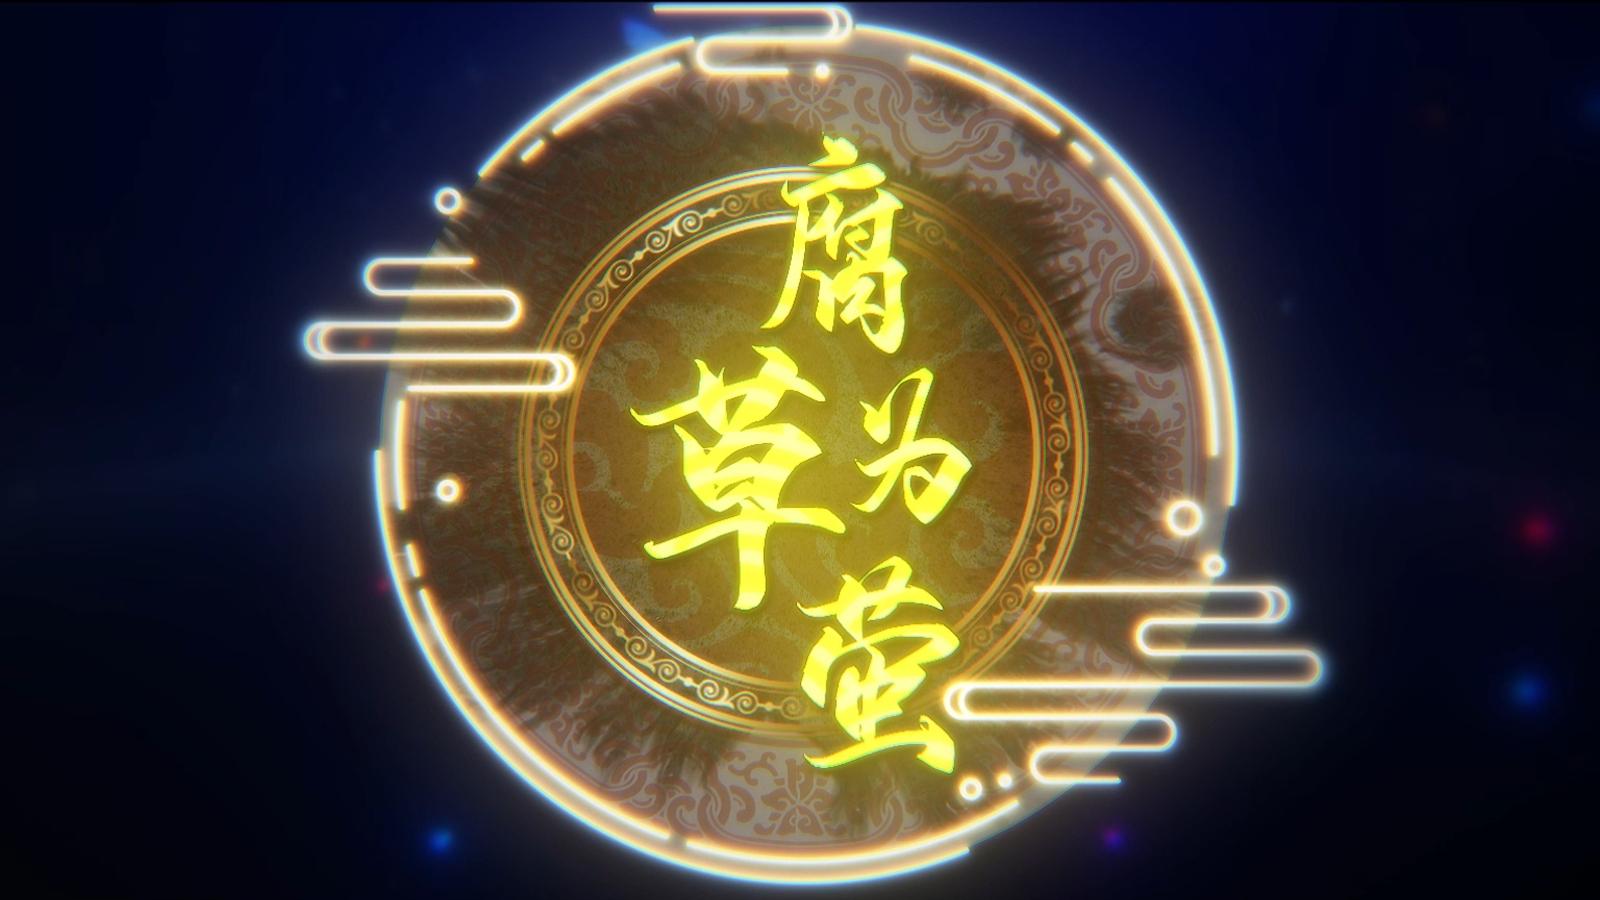 【茗魂】【VUP万圣祭】腐草为萤·萤火点点的爱情【A站独家】